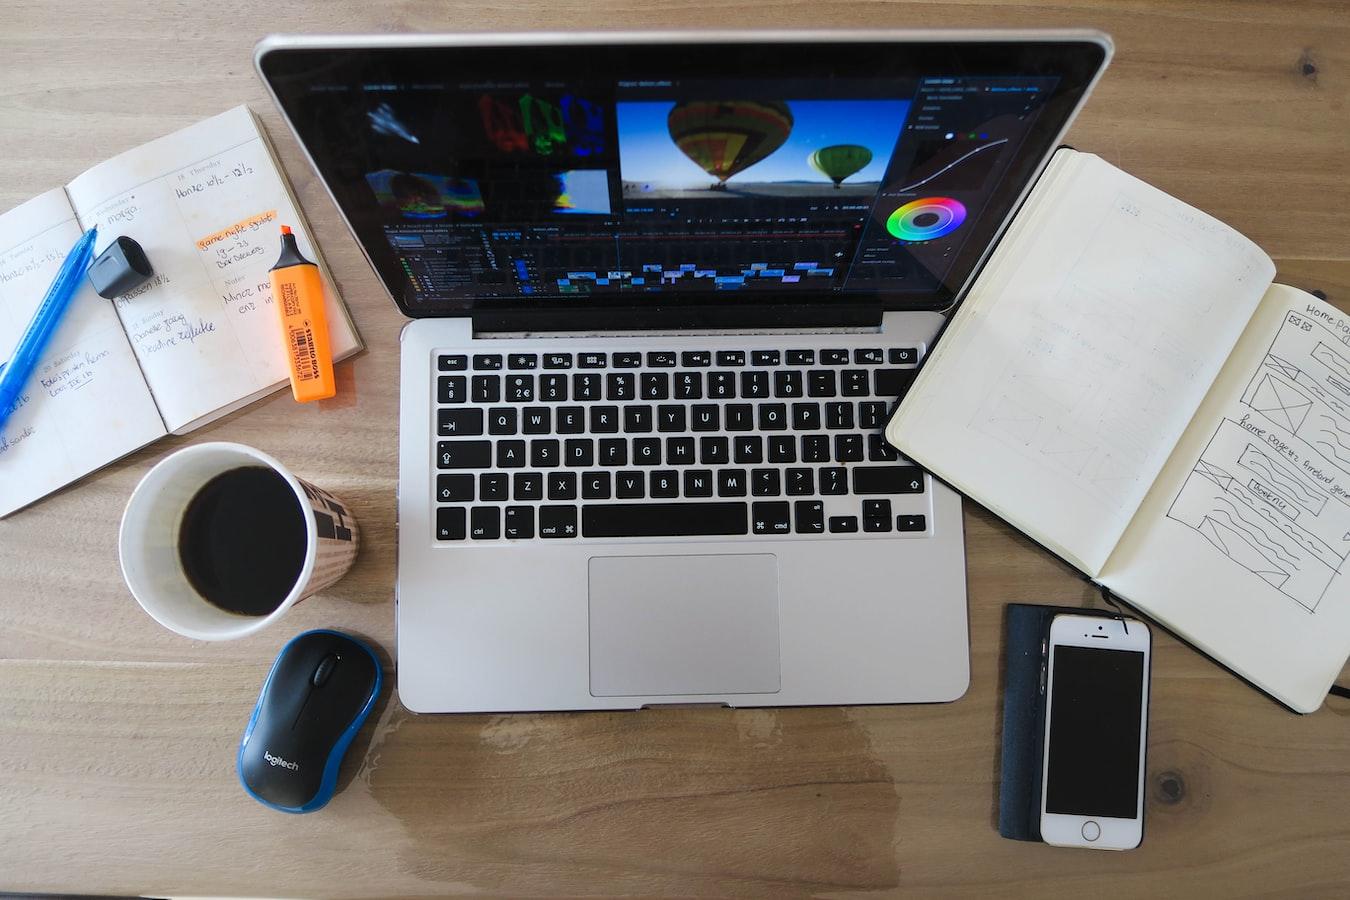 Buat Meja Kerja Senyaman Kita, kerja ga harus di kafe, kerja dari rumah, fokus kerja freelance, masbobz.com